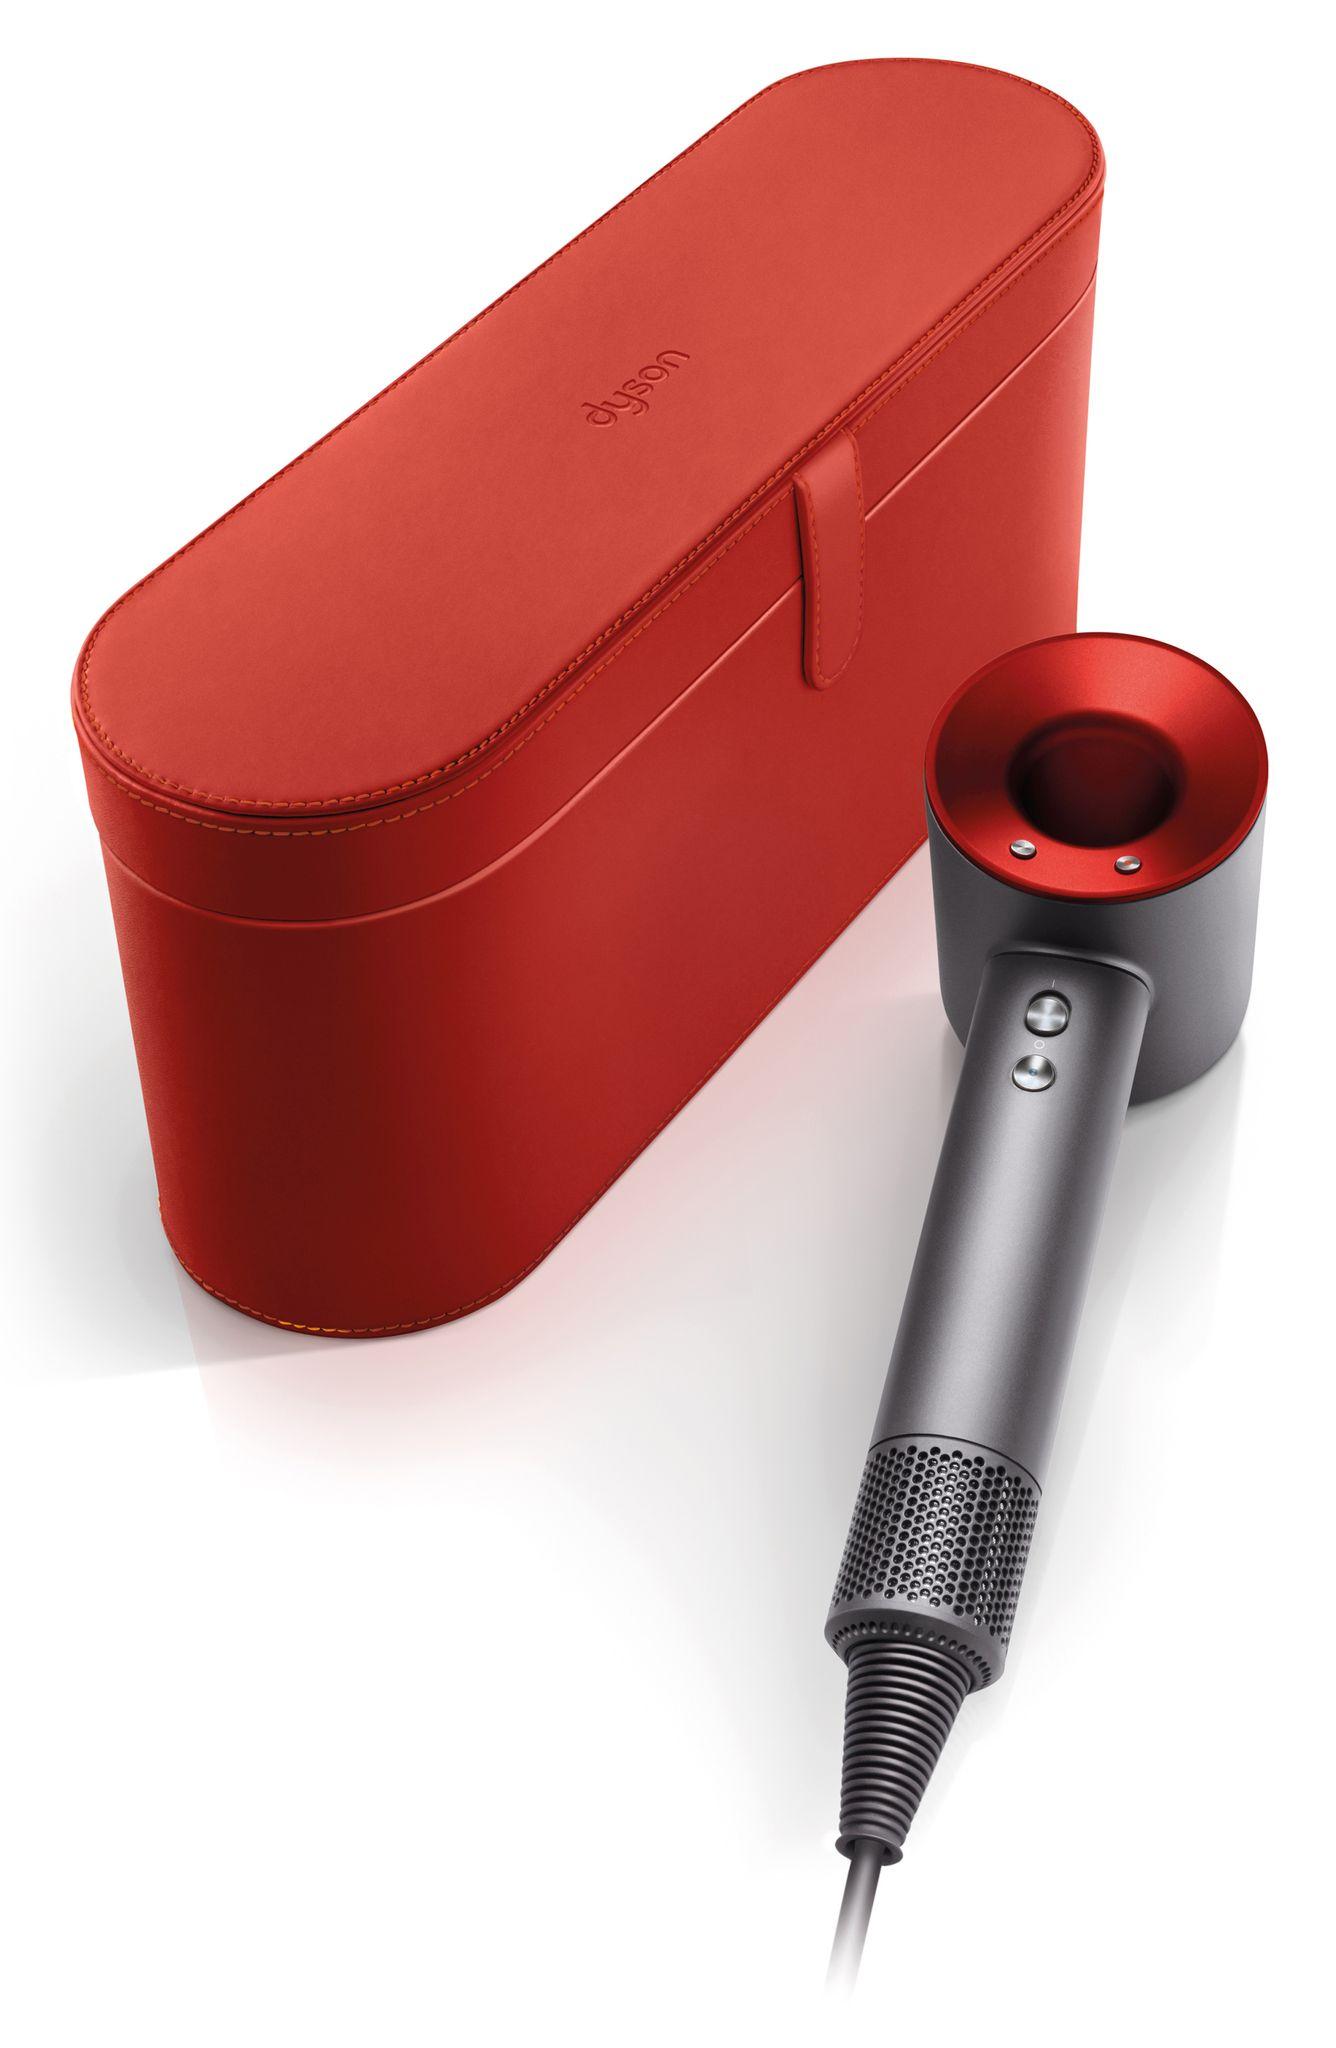 Secador de mano para el cabello Dyson Supersonic rojo de edición limitada, de Nordstrom. (Suministrada)